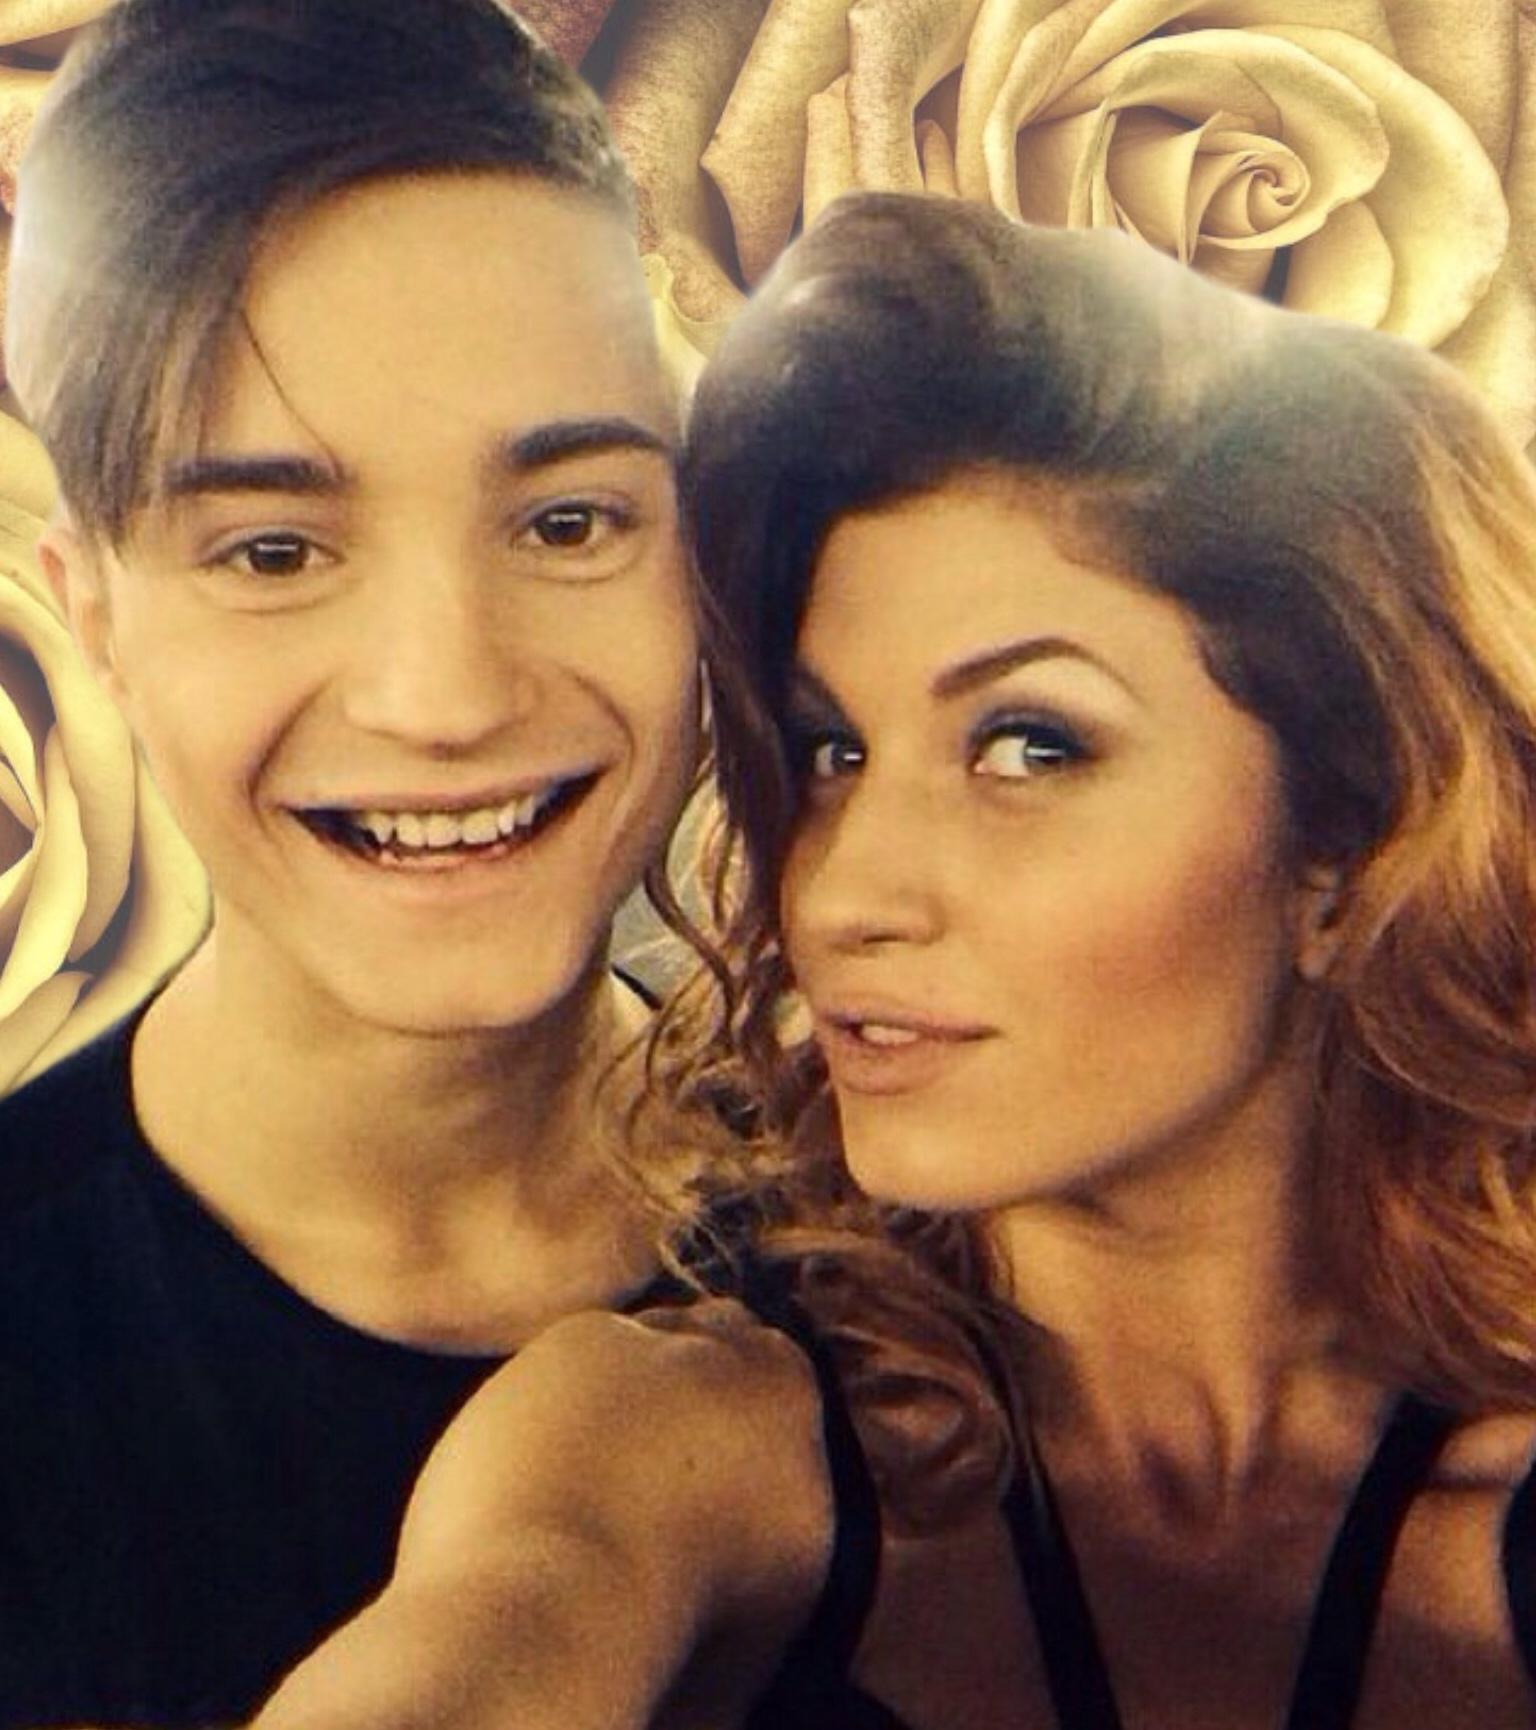 Антон и его девушка фото